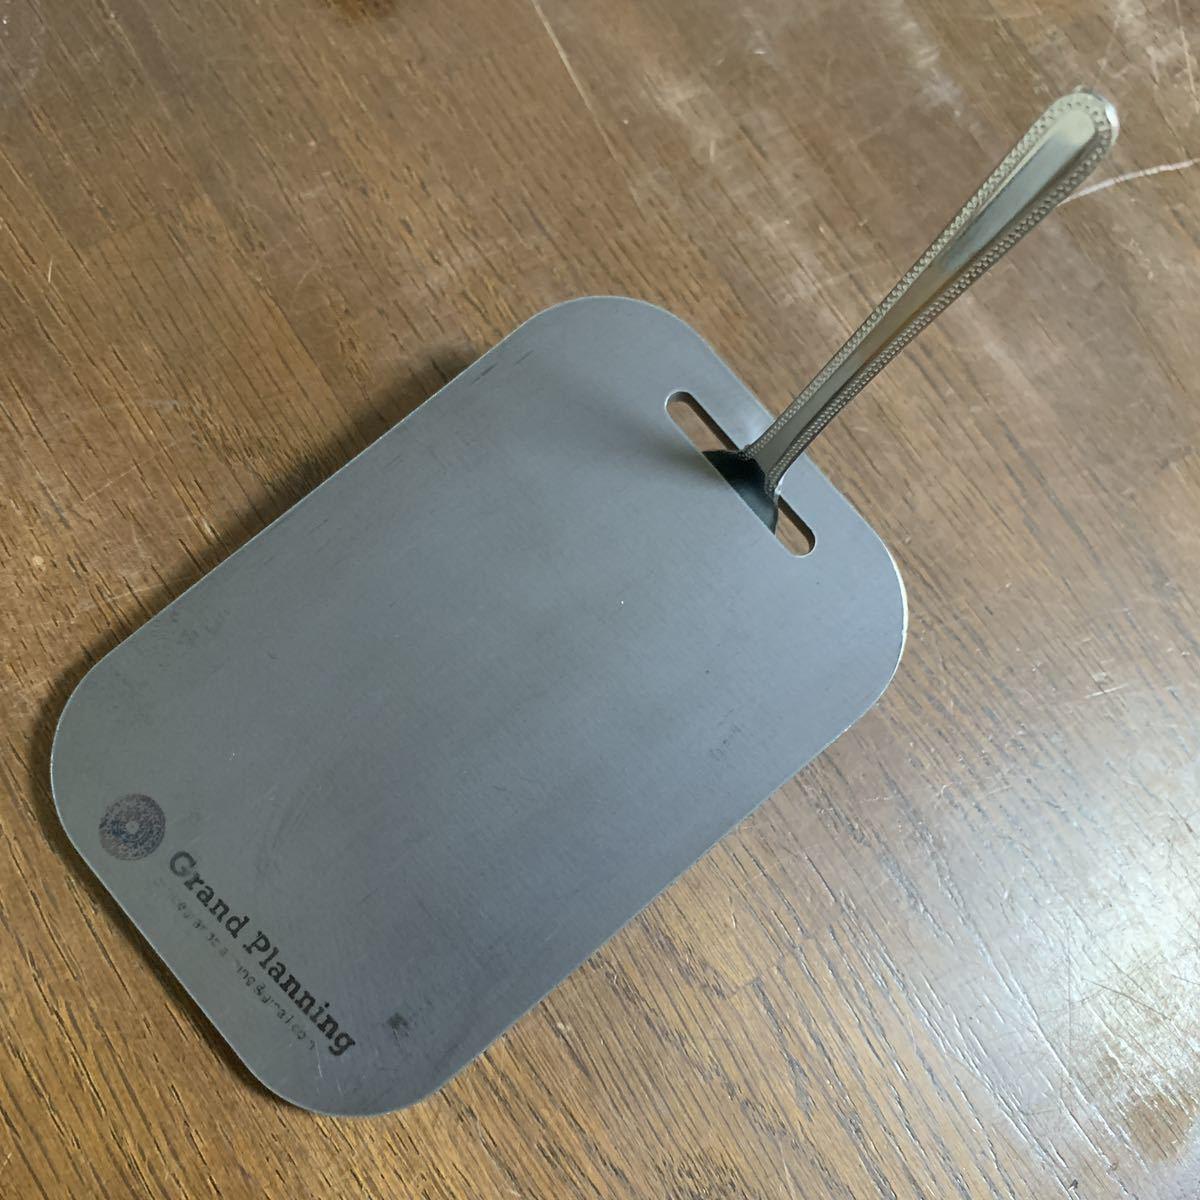 メスティン スモール 収納 ポケットストーブ サイズ 6ミリ 鉄板 ヘラ トング マイクロ収納袋 BN ソロキャンプ ミニ 大和鉄板